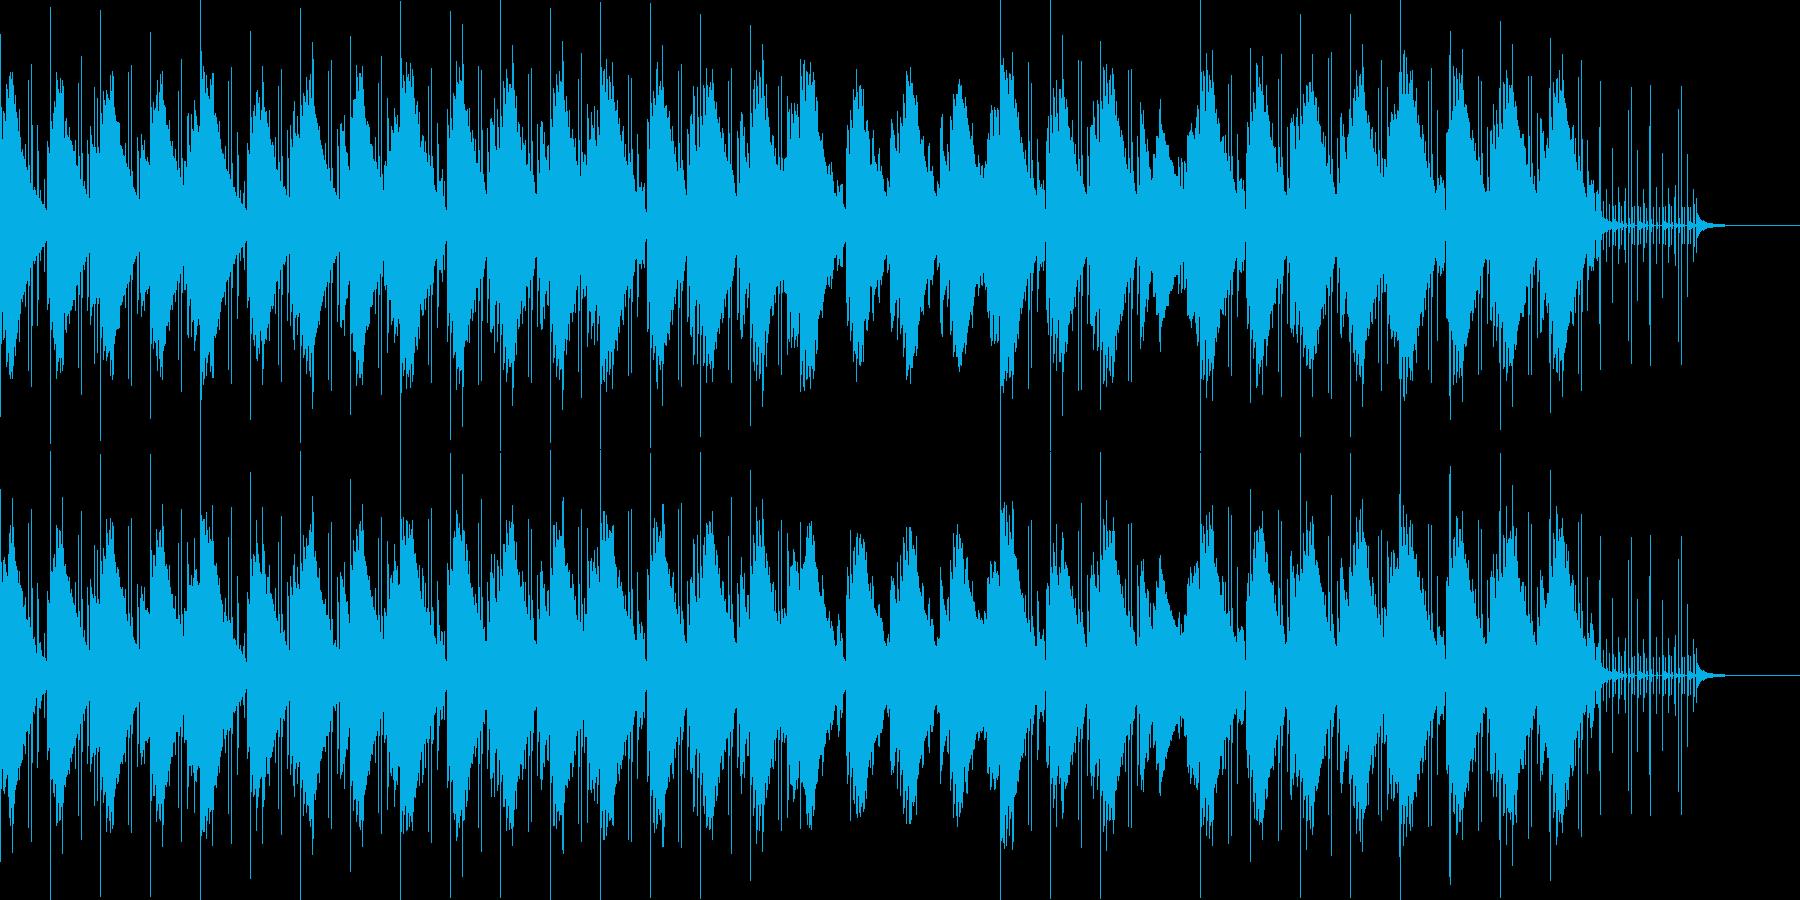 ゆったりとしたシーンに最適な曲です。の再生済みの波形